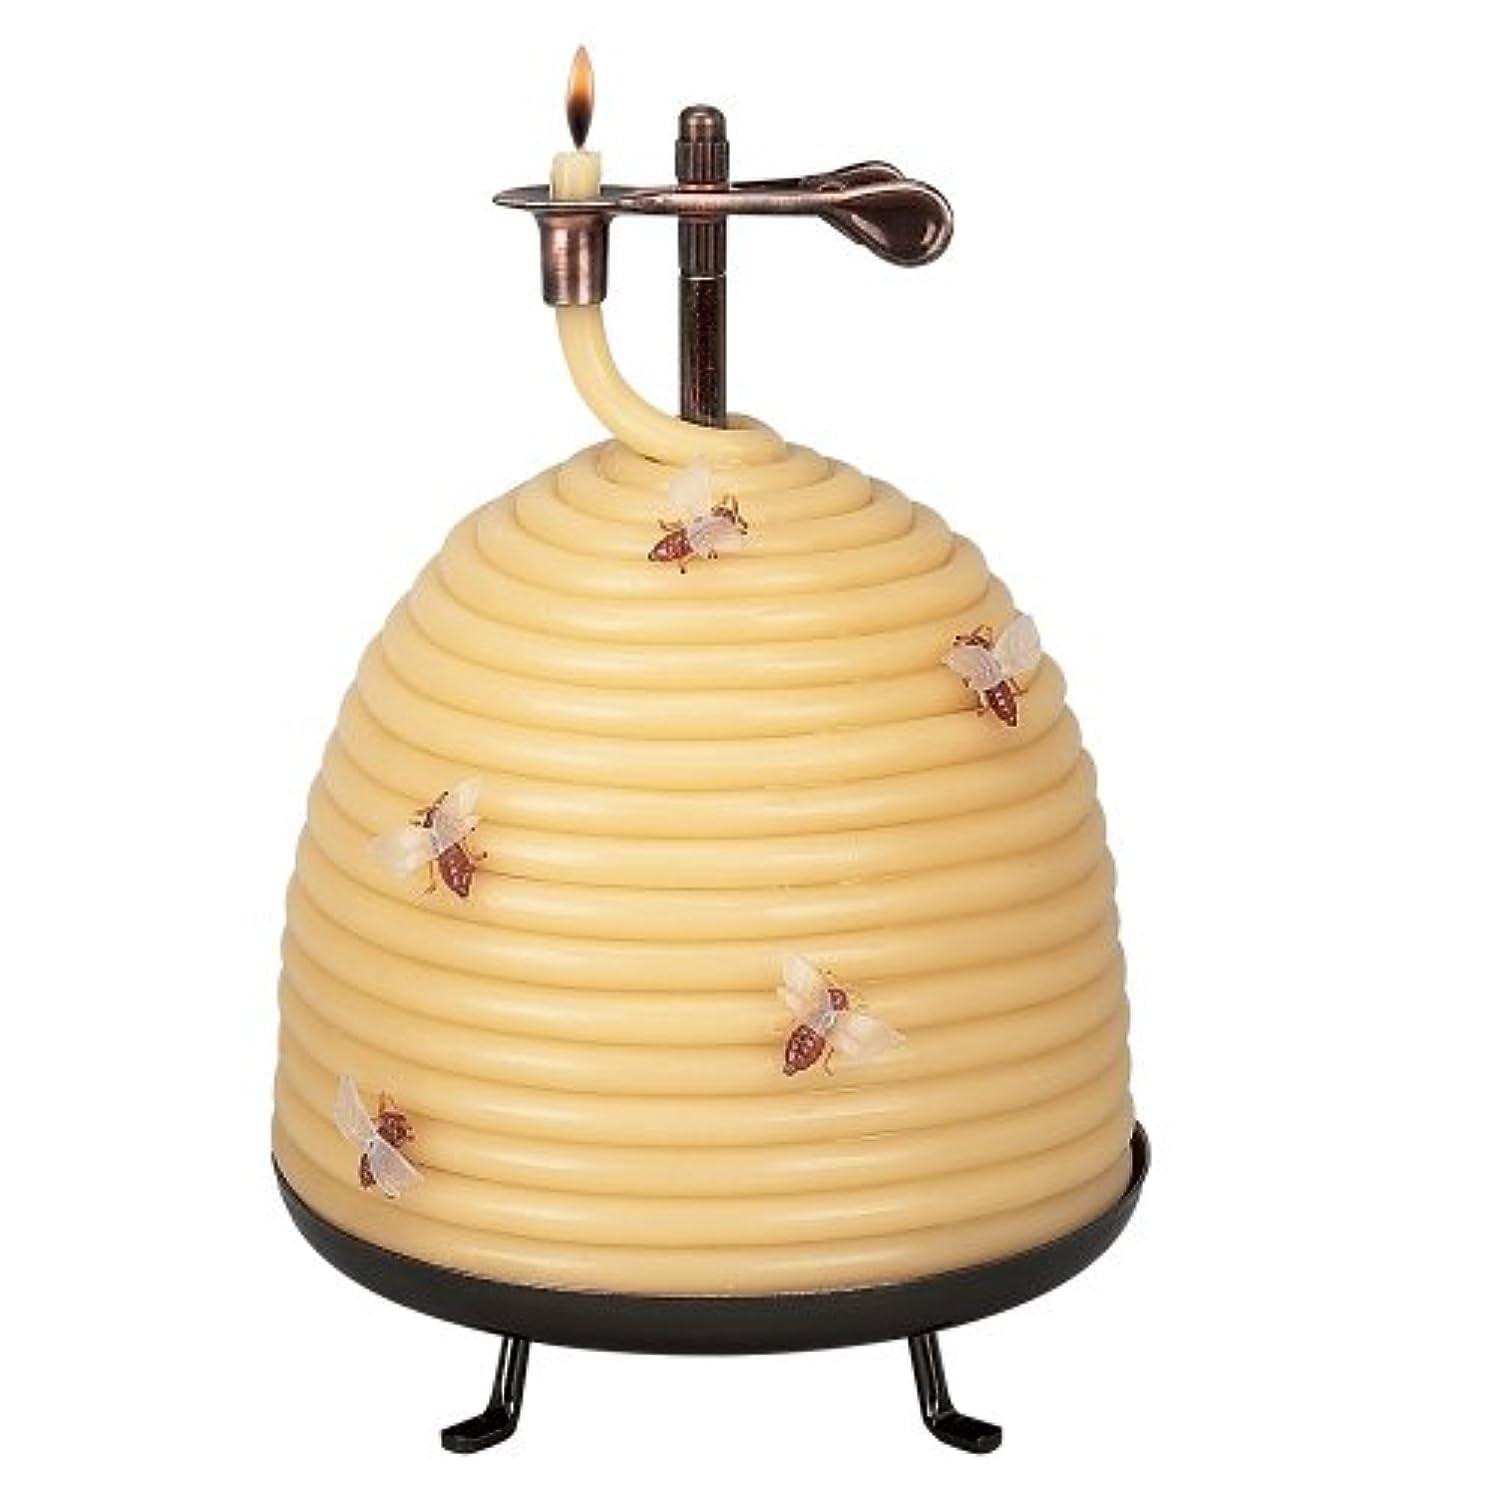 有力者仕立て屋ブランデーCandle By The Hour 20642B 120 Hour Beehive Coil Candle